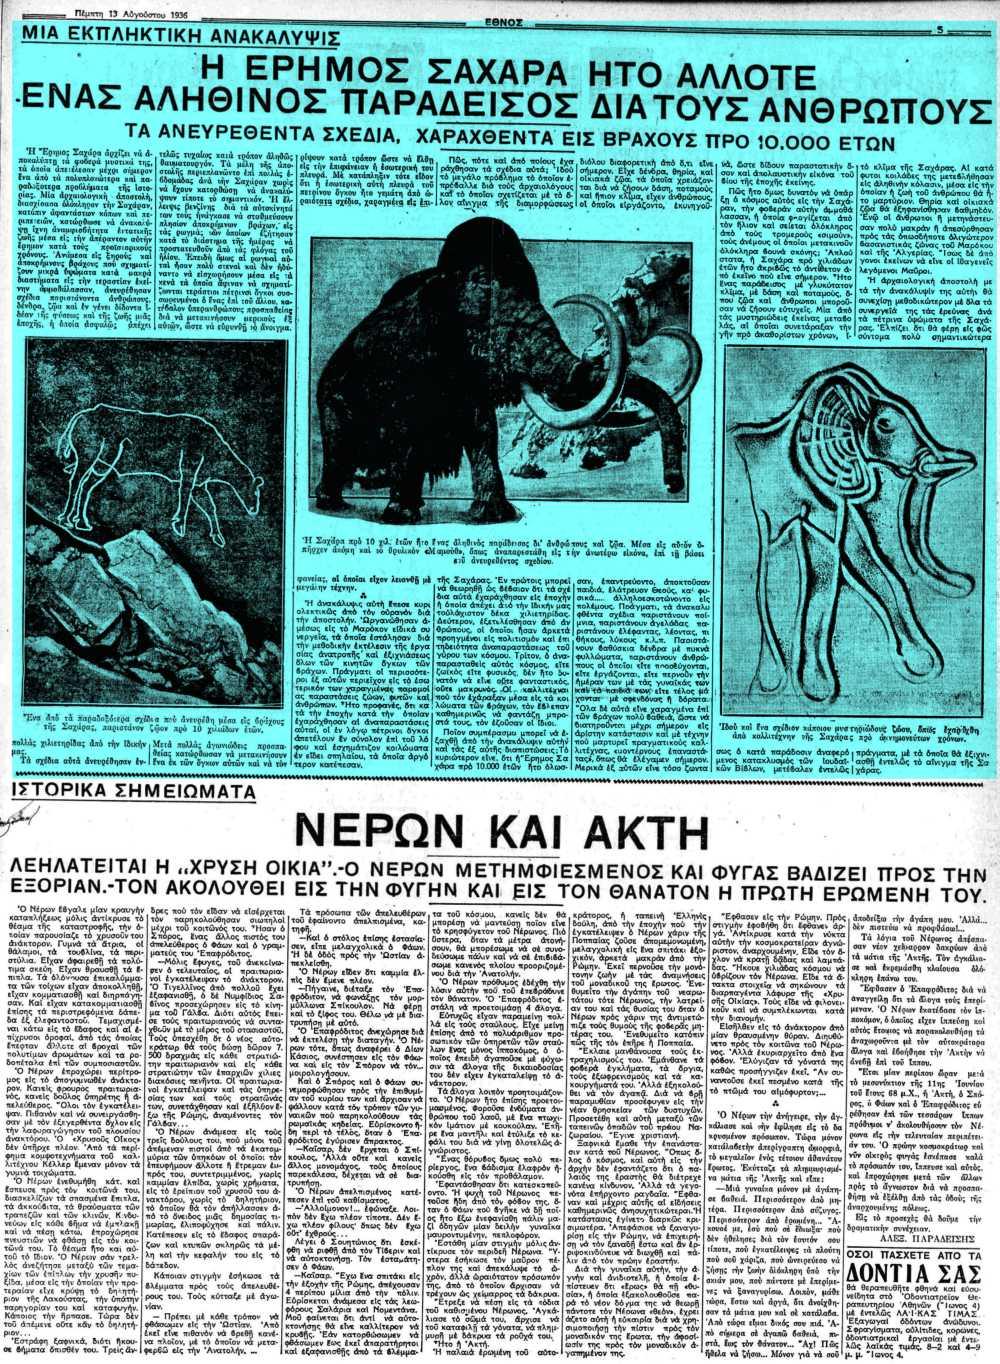 """Το άρθρο, όπως δημοσιεύθηκε στην εφημερίδα """"ΕΘΝΟΣ"""", στις 13/08/1936"""